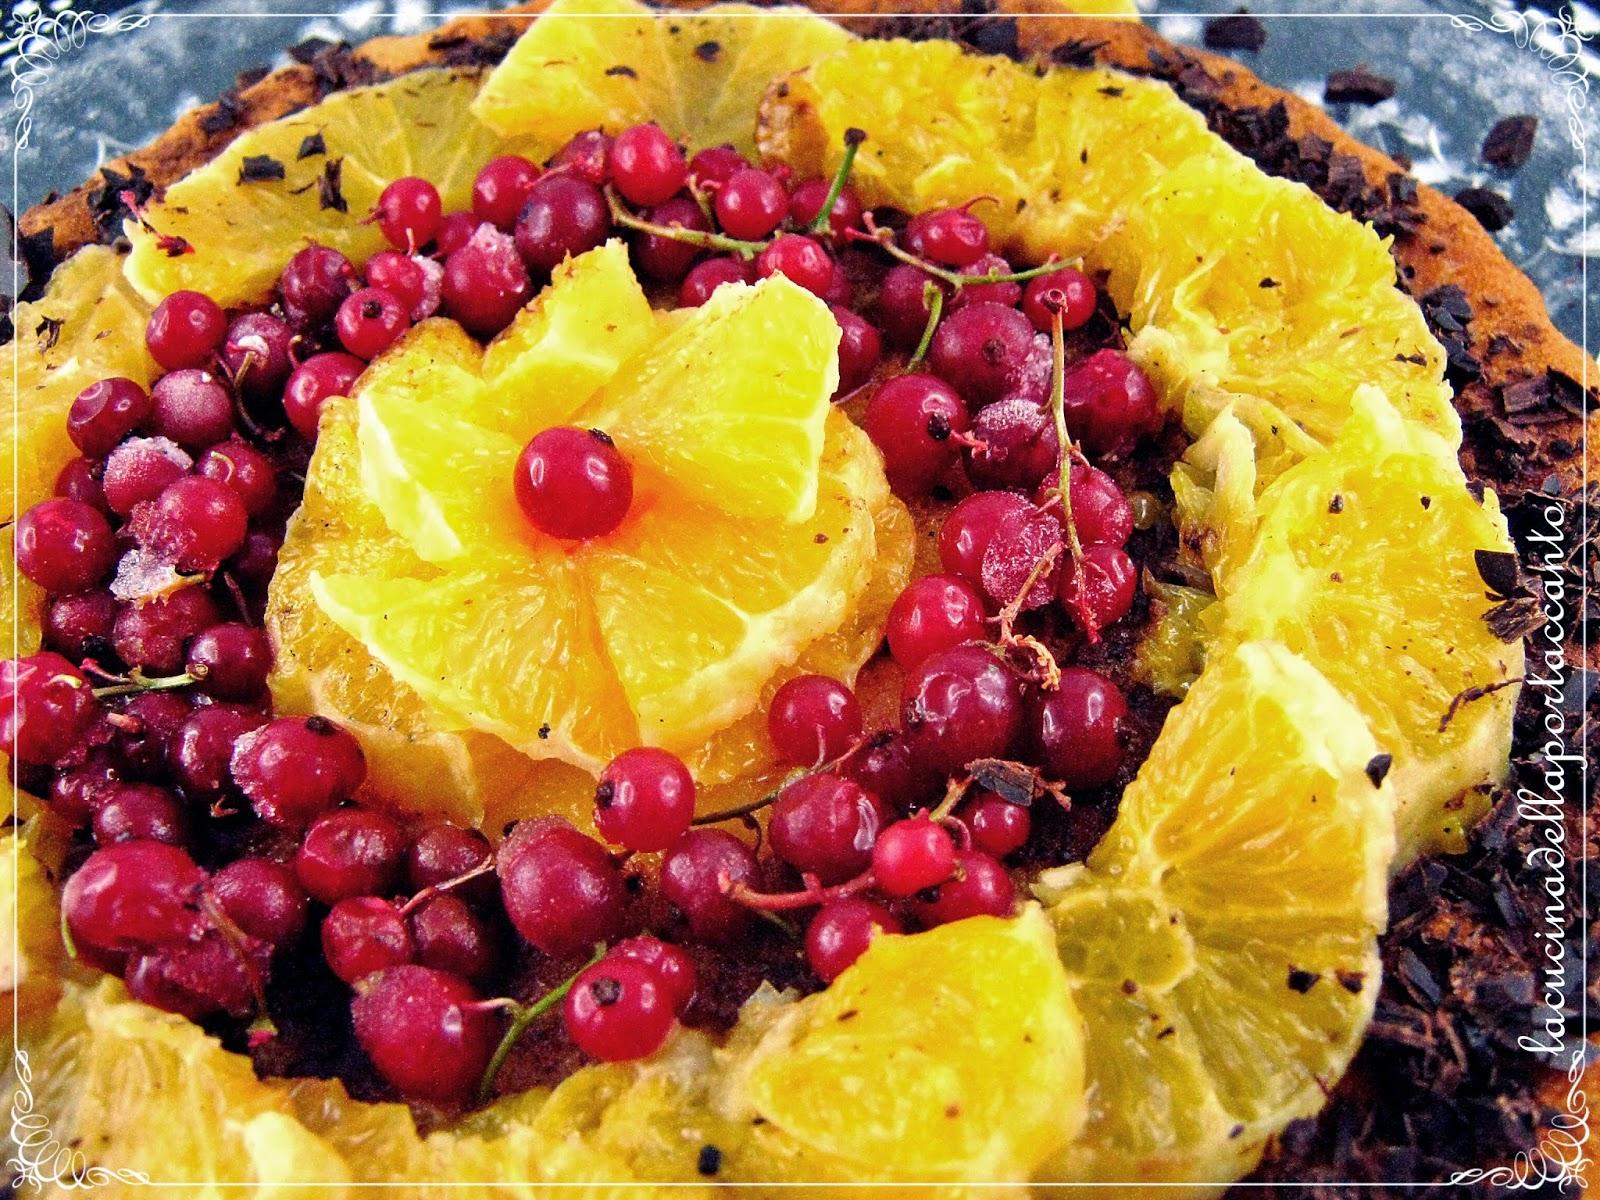 torta con arance caramellate e cioccolato fondente all'aroma dei grani del paradiso